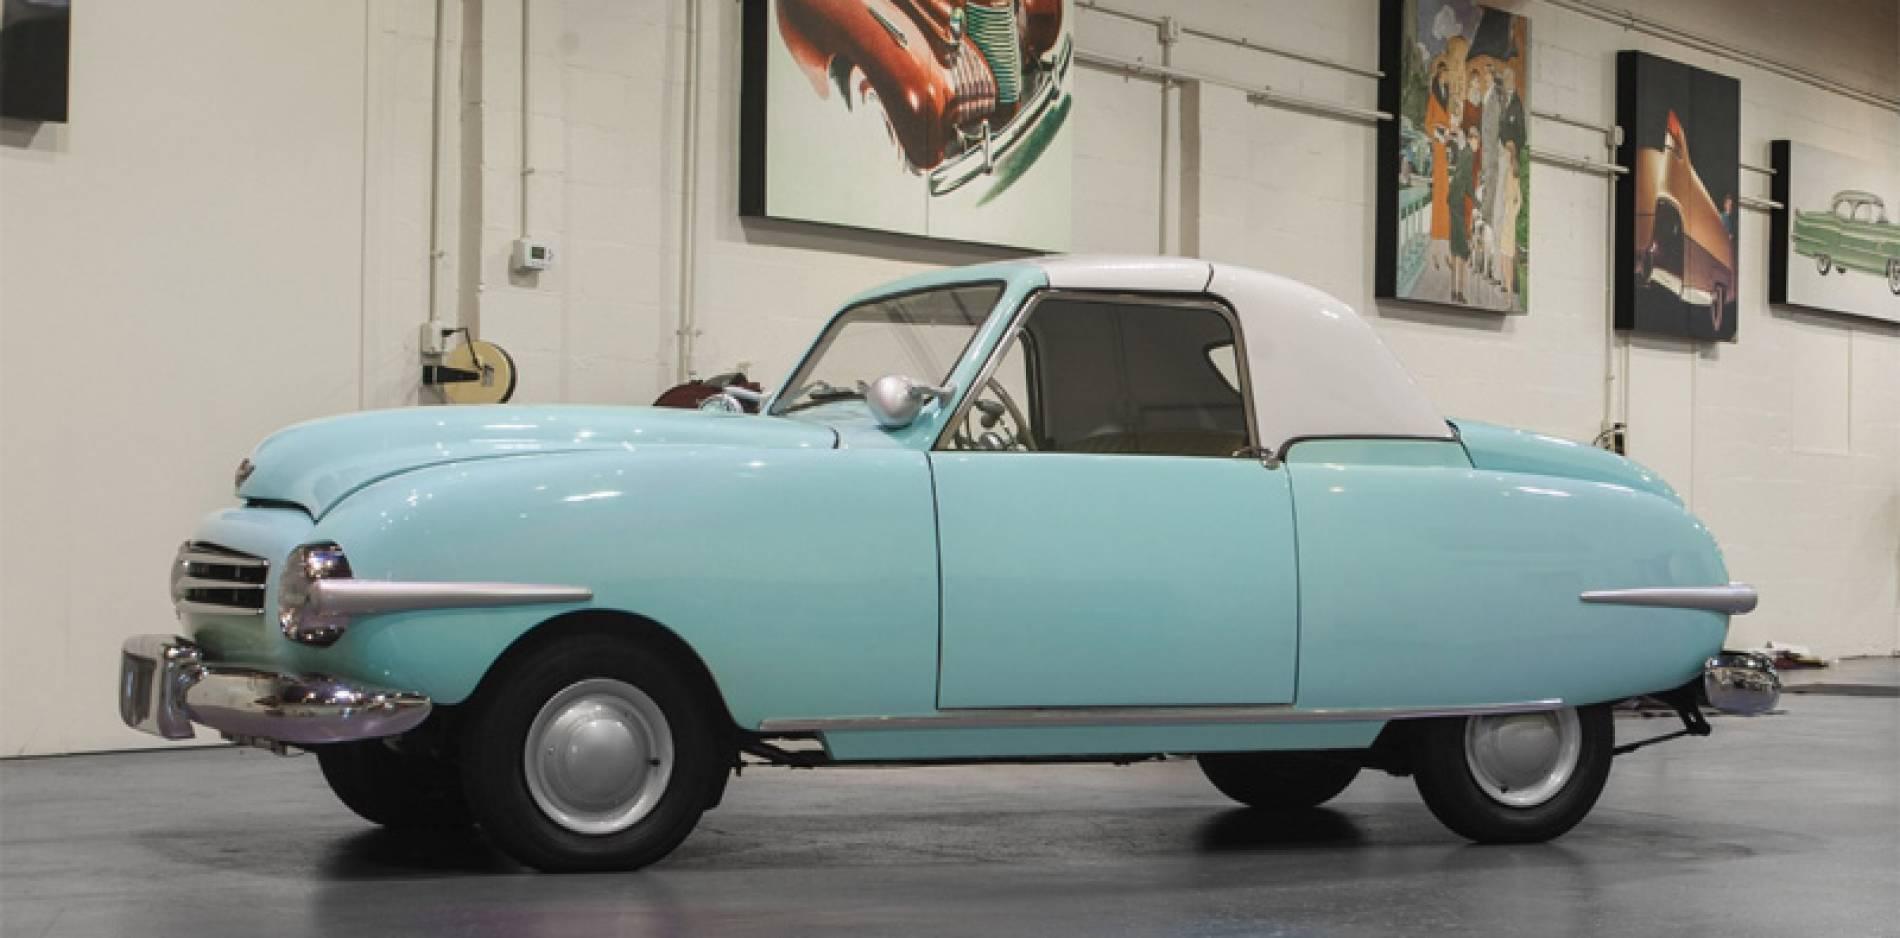 Sale a subasta el coche de Playboy original